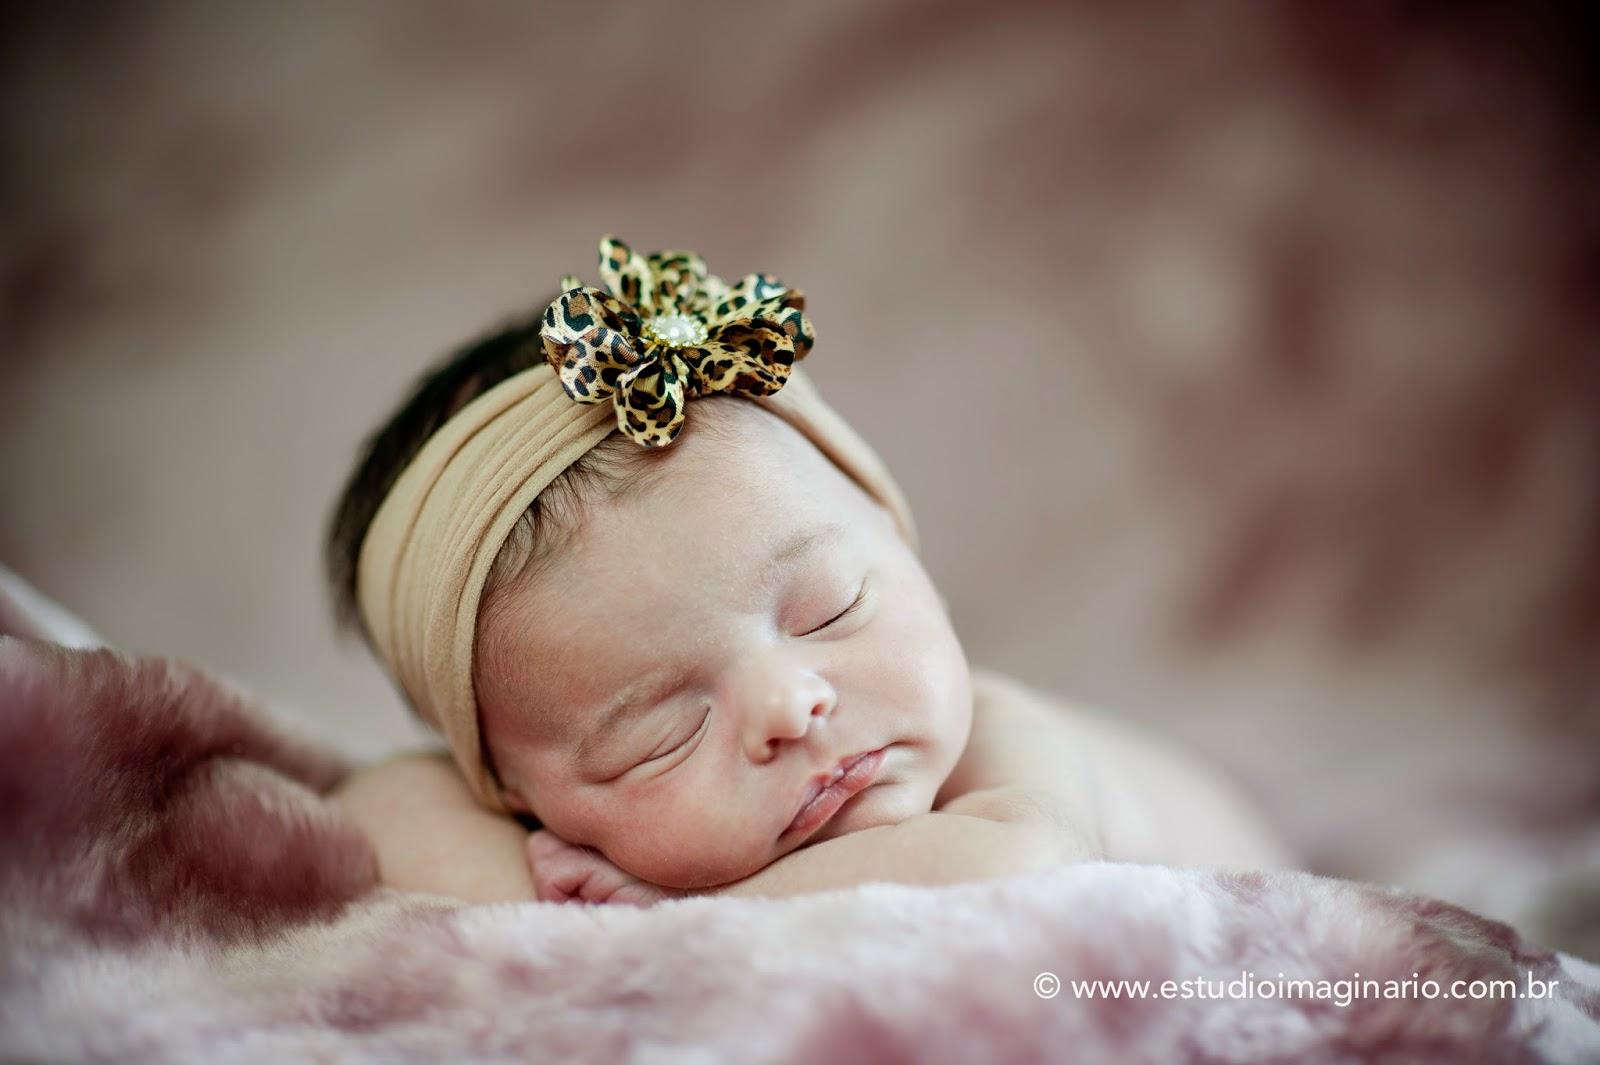 book fotos grávidas, book gestante, book grávida, ensaio família, fotos gestantes, fotos grávidas, Grávidas demais, newborn,